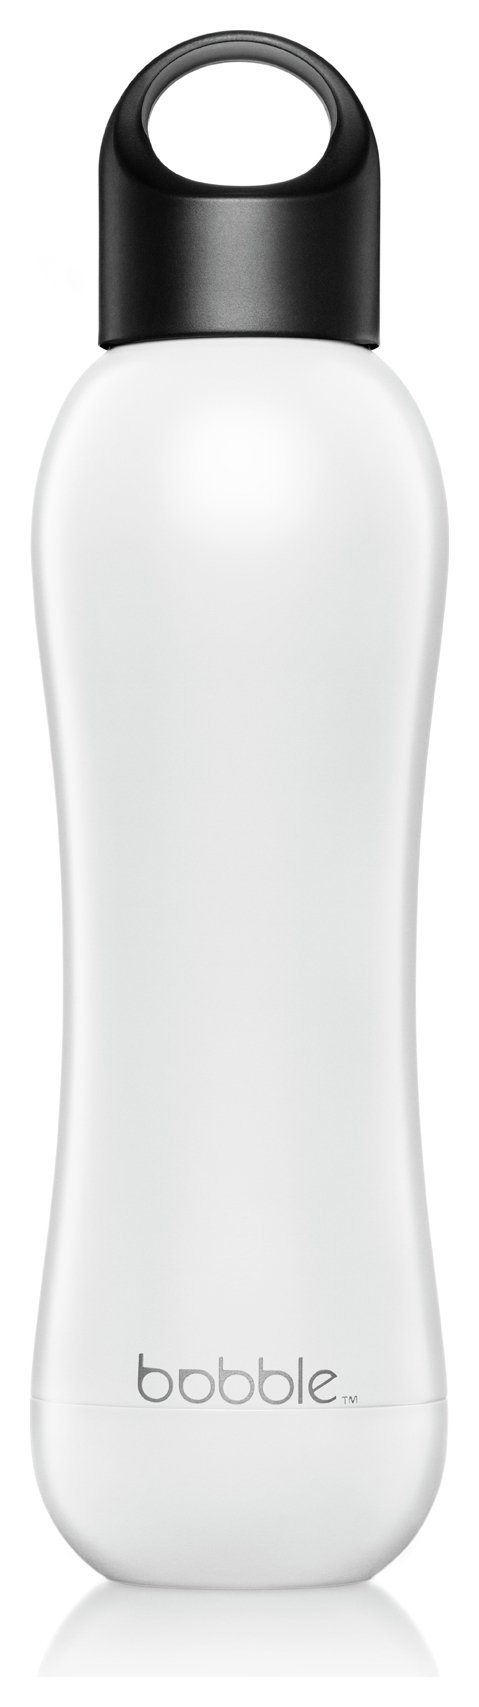 Image of Bobble - Insulate Water Bottle - Polar White